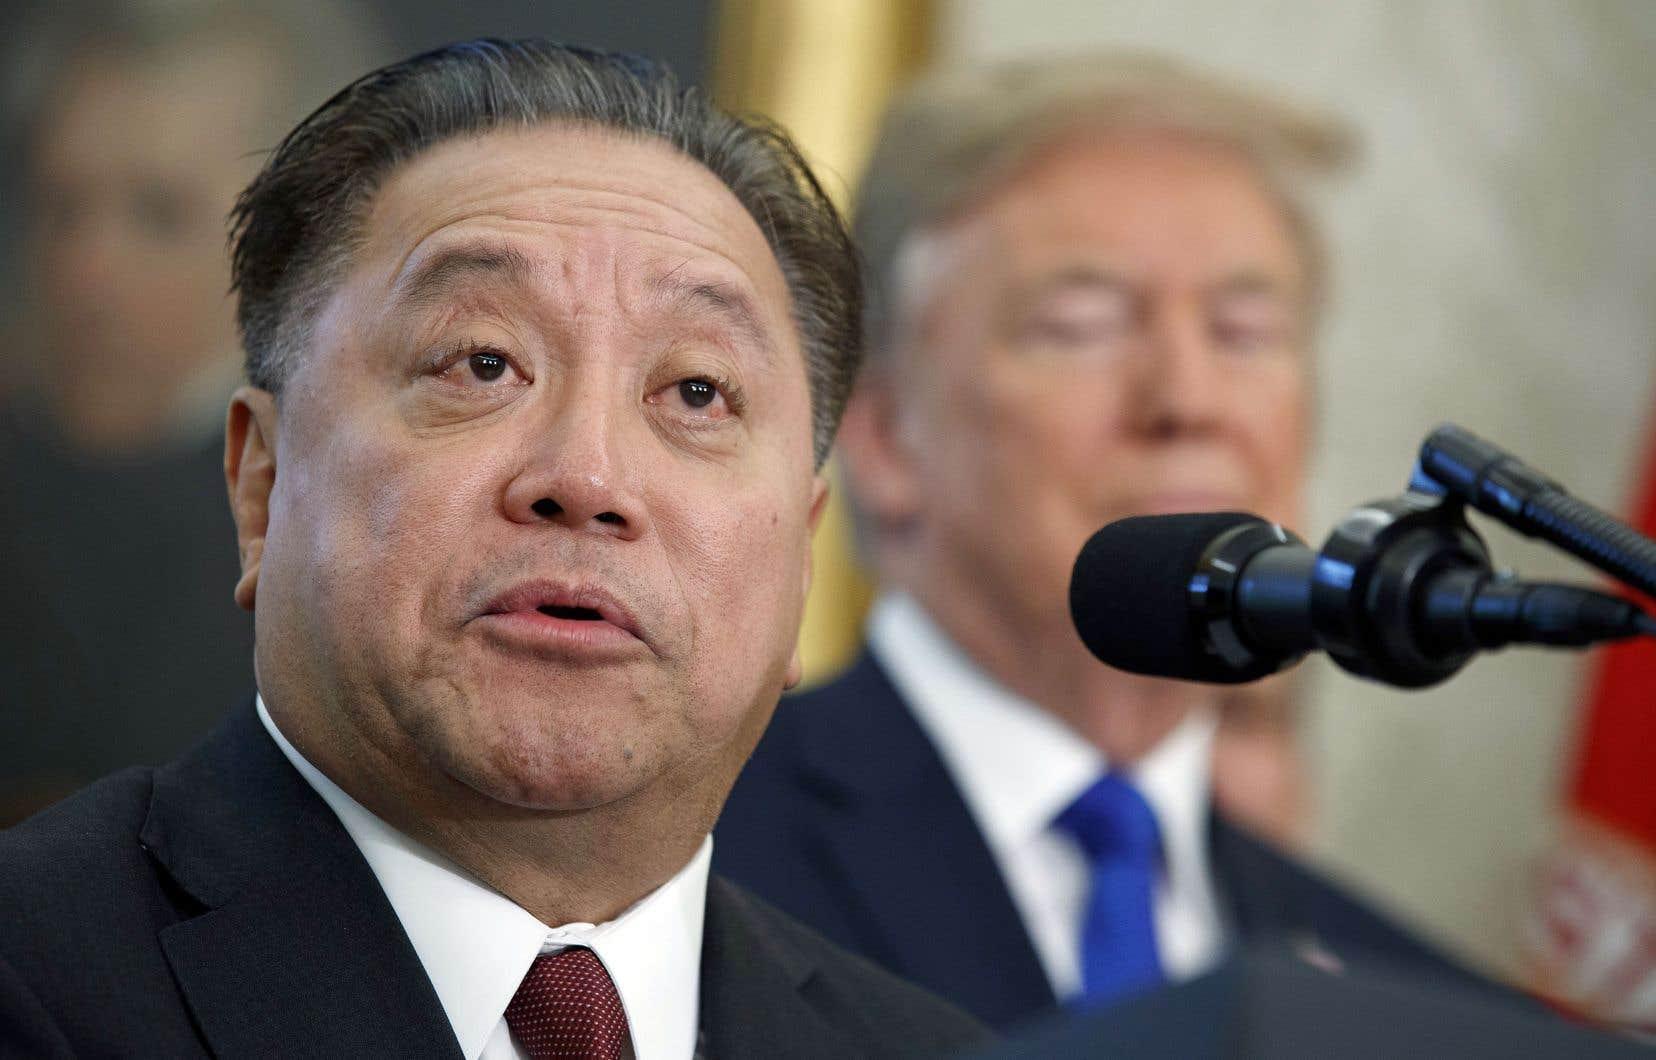 Le p.-d.g. le mieux payé serait Hock Tan (notre photo) de Broadcom, qui a empoché 103,2millions.